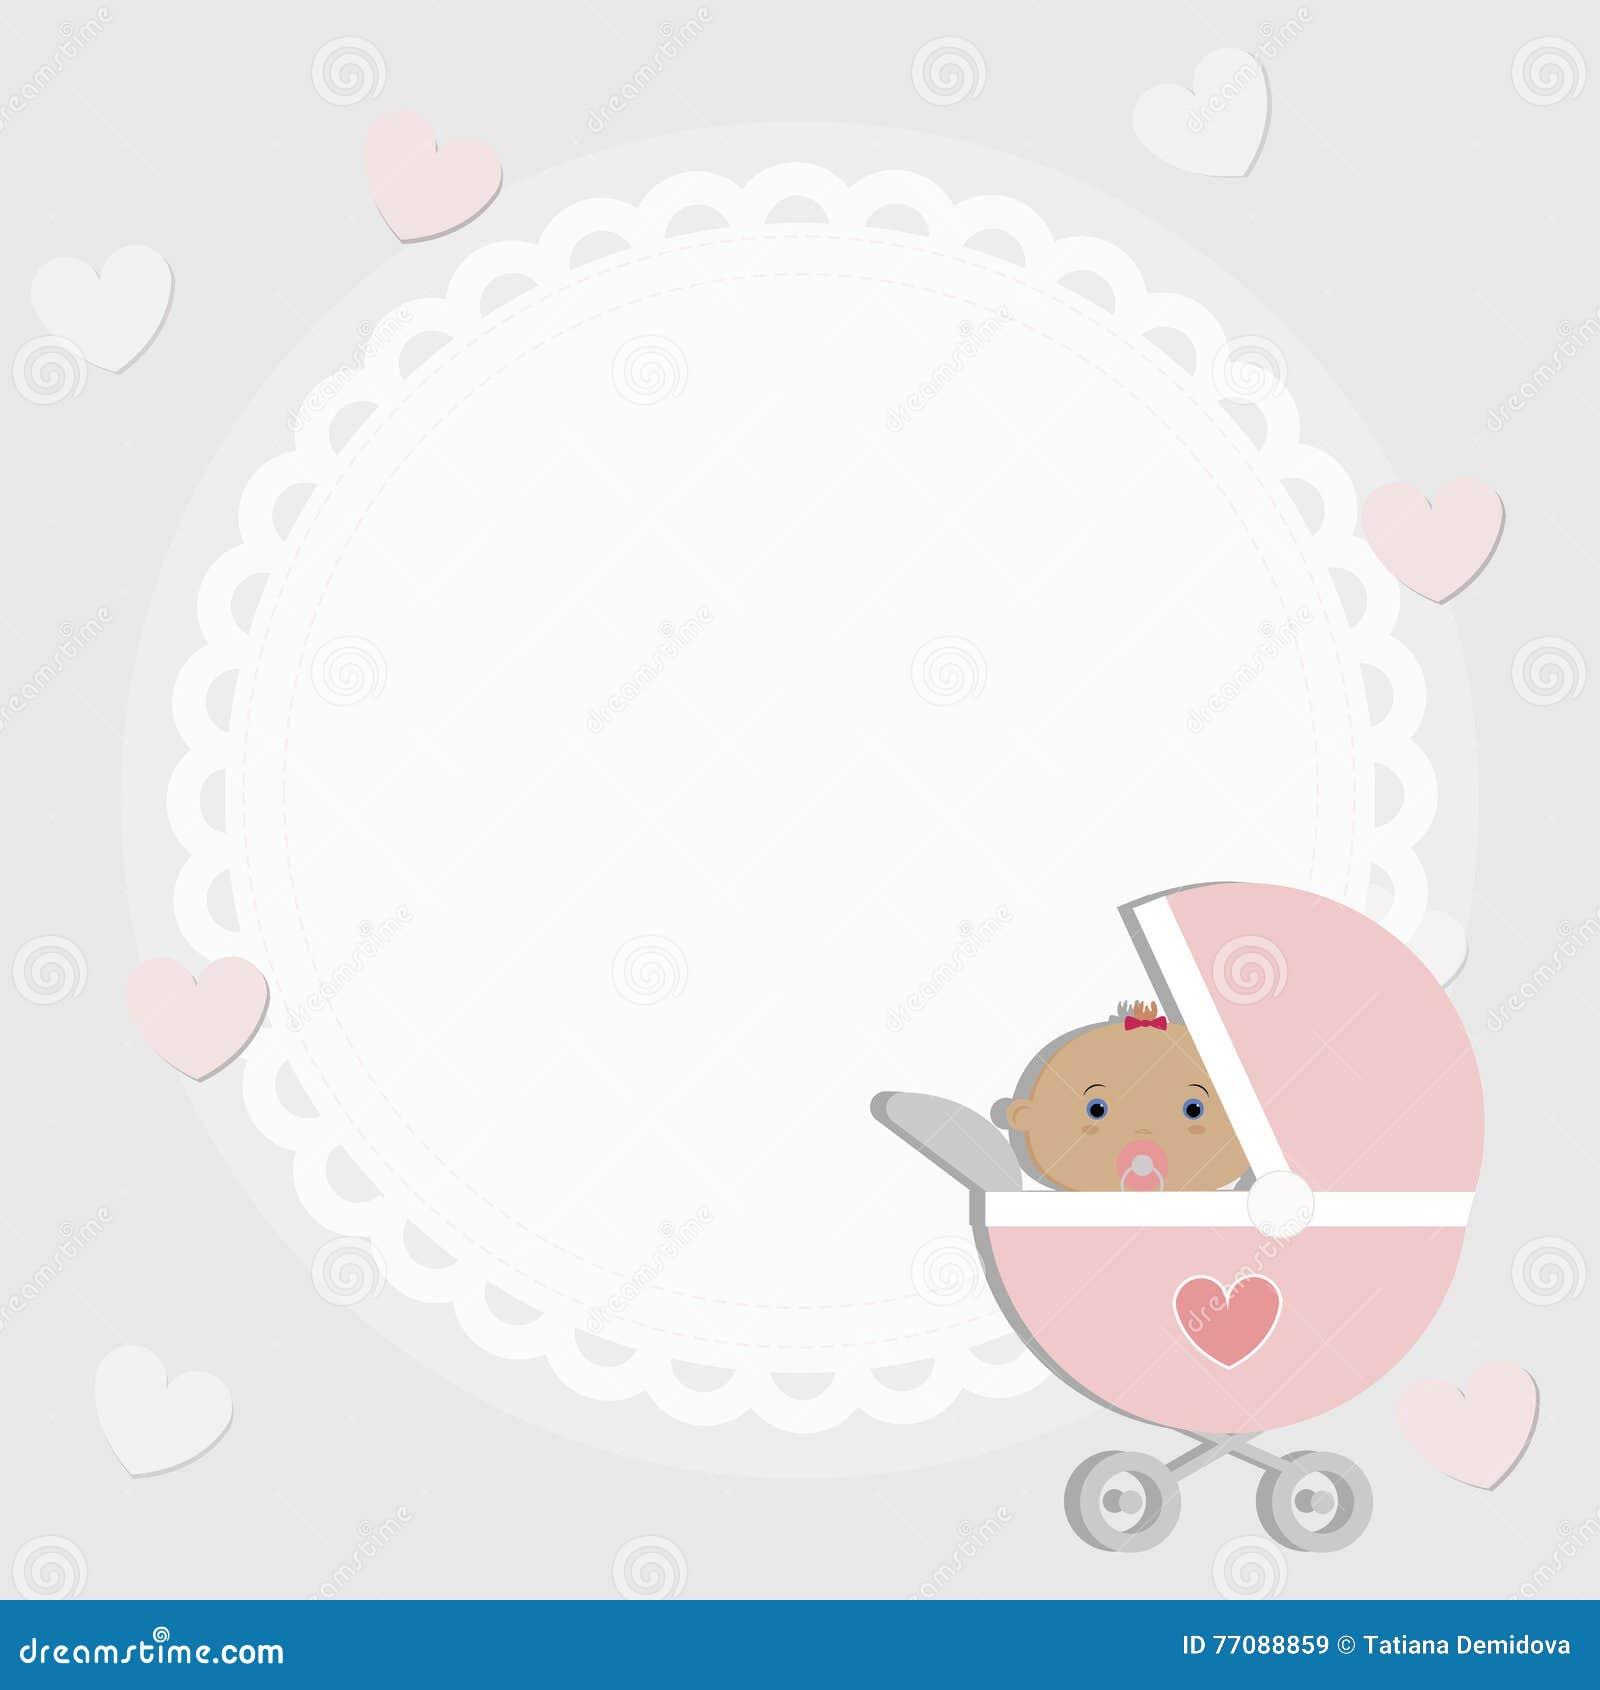 Baby-Rahmen Plakat Für Grüße Oder Einladungen Vektor Abbildung ...